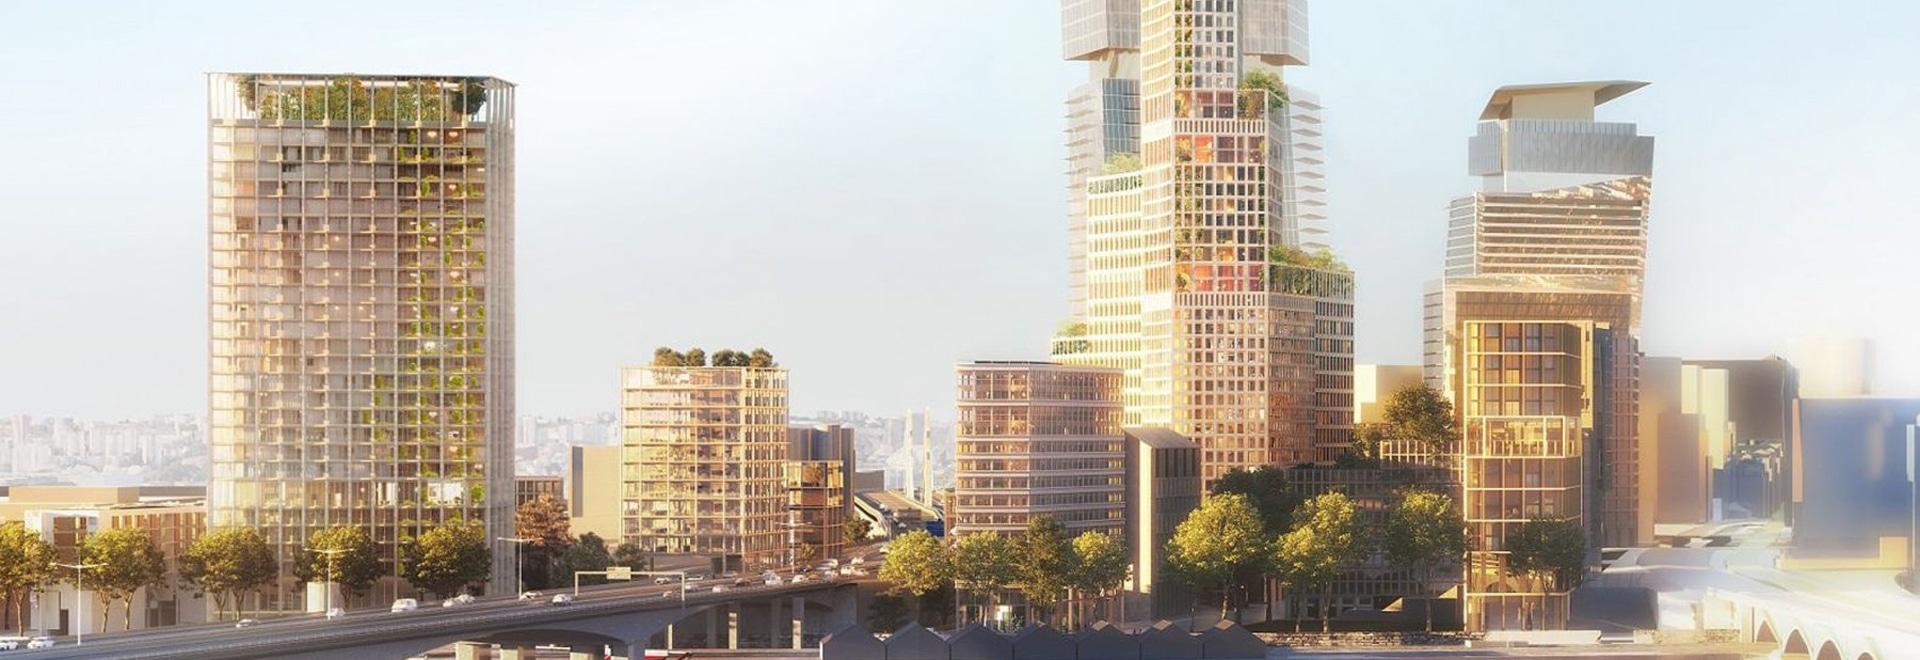 david adjaye teil des siegreichen teams, das für die entwicklung eines neuen pariser nachbarschaftsraums ausgewählt wurde